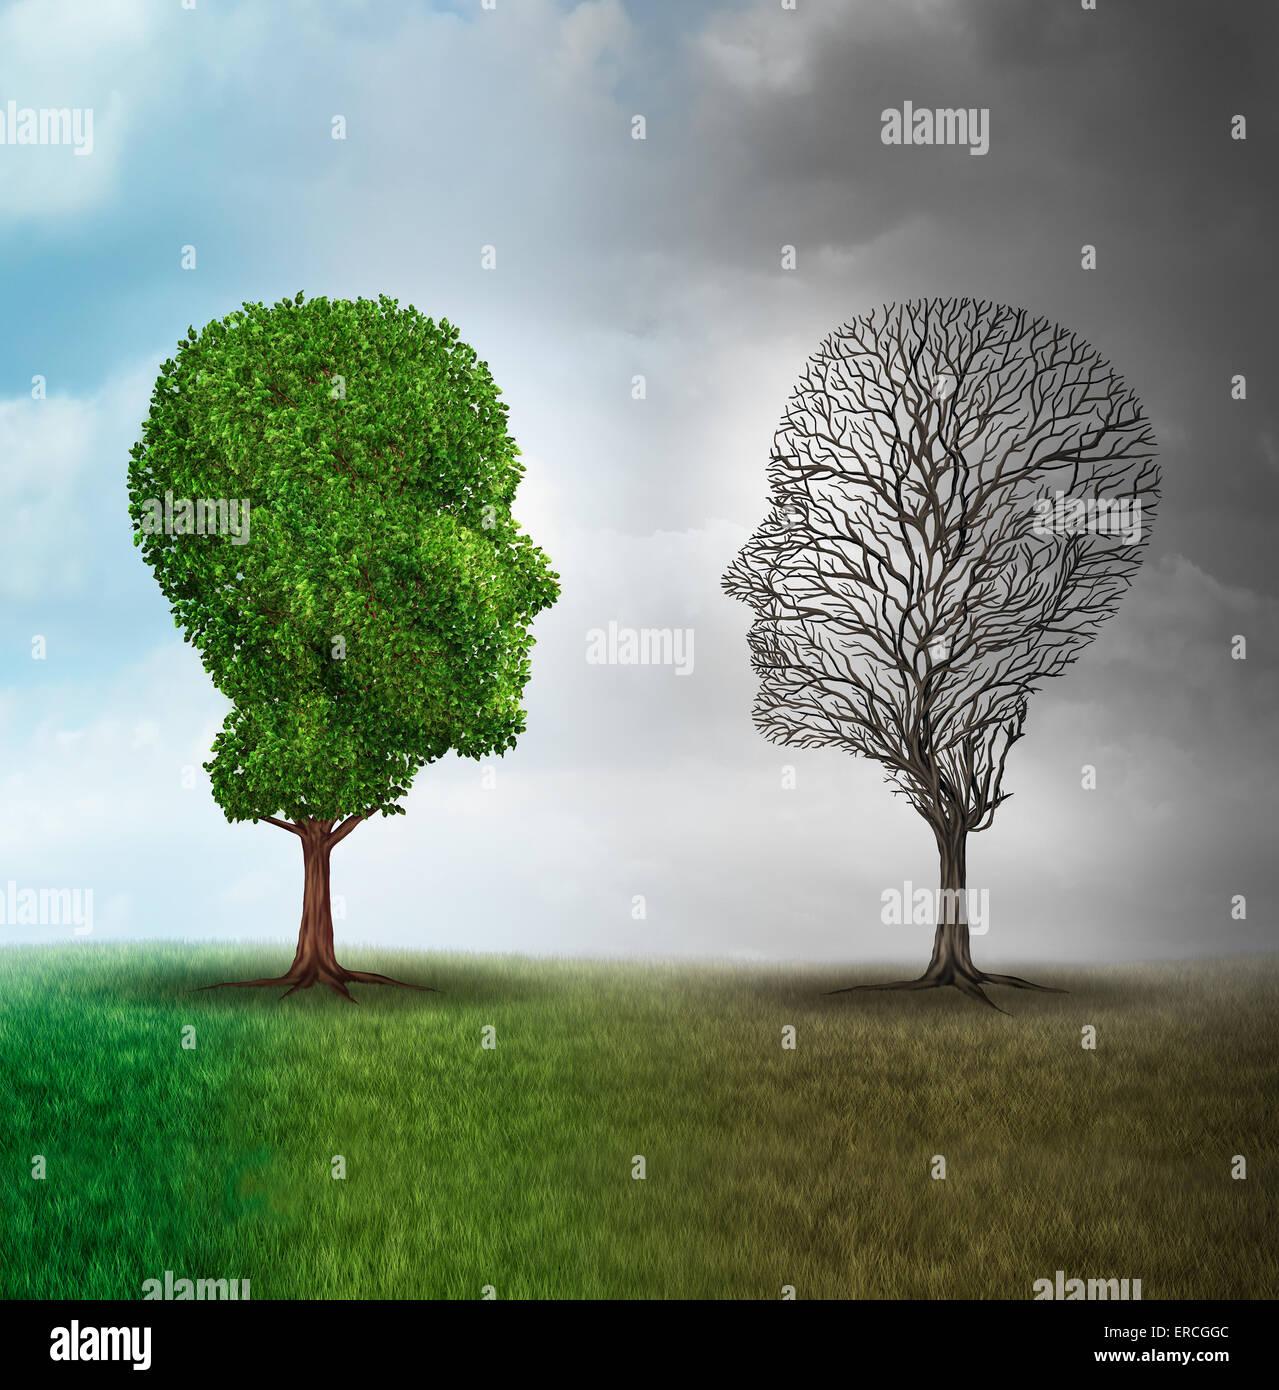 Menschlichen Stimmung und Emotionen Störung Konzept als Baum geformt wie zwei menschliche Gesichter mit halb Stockbild